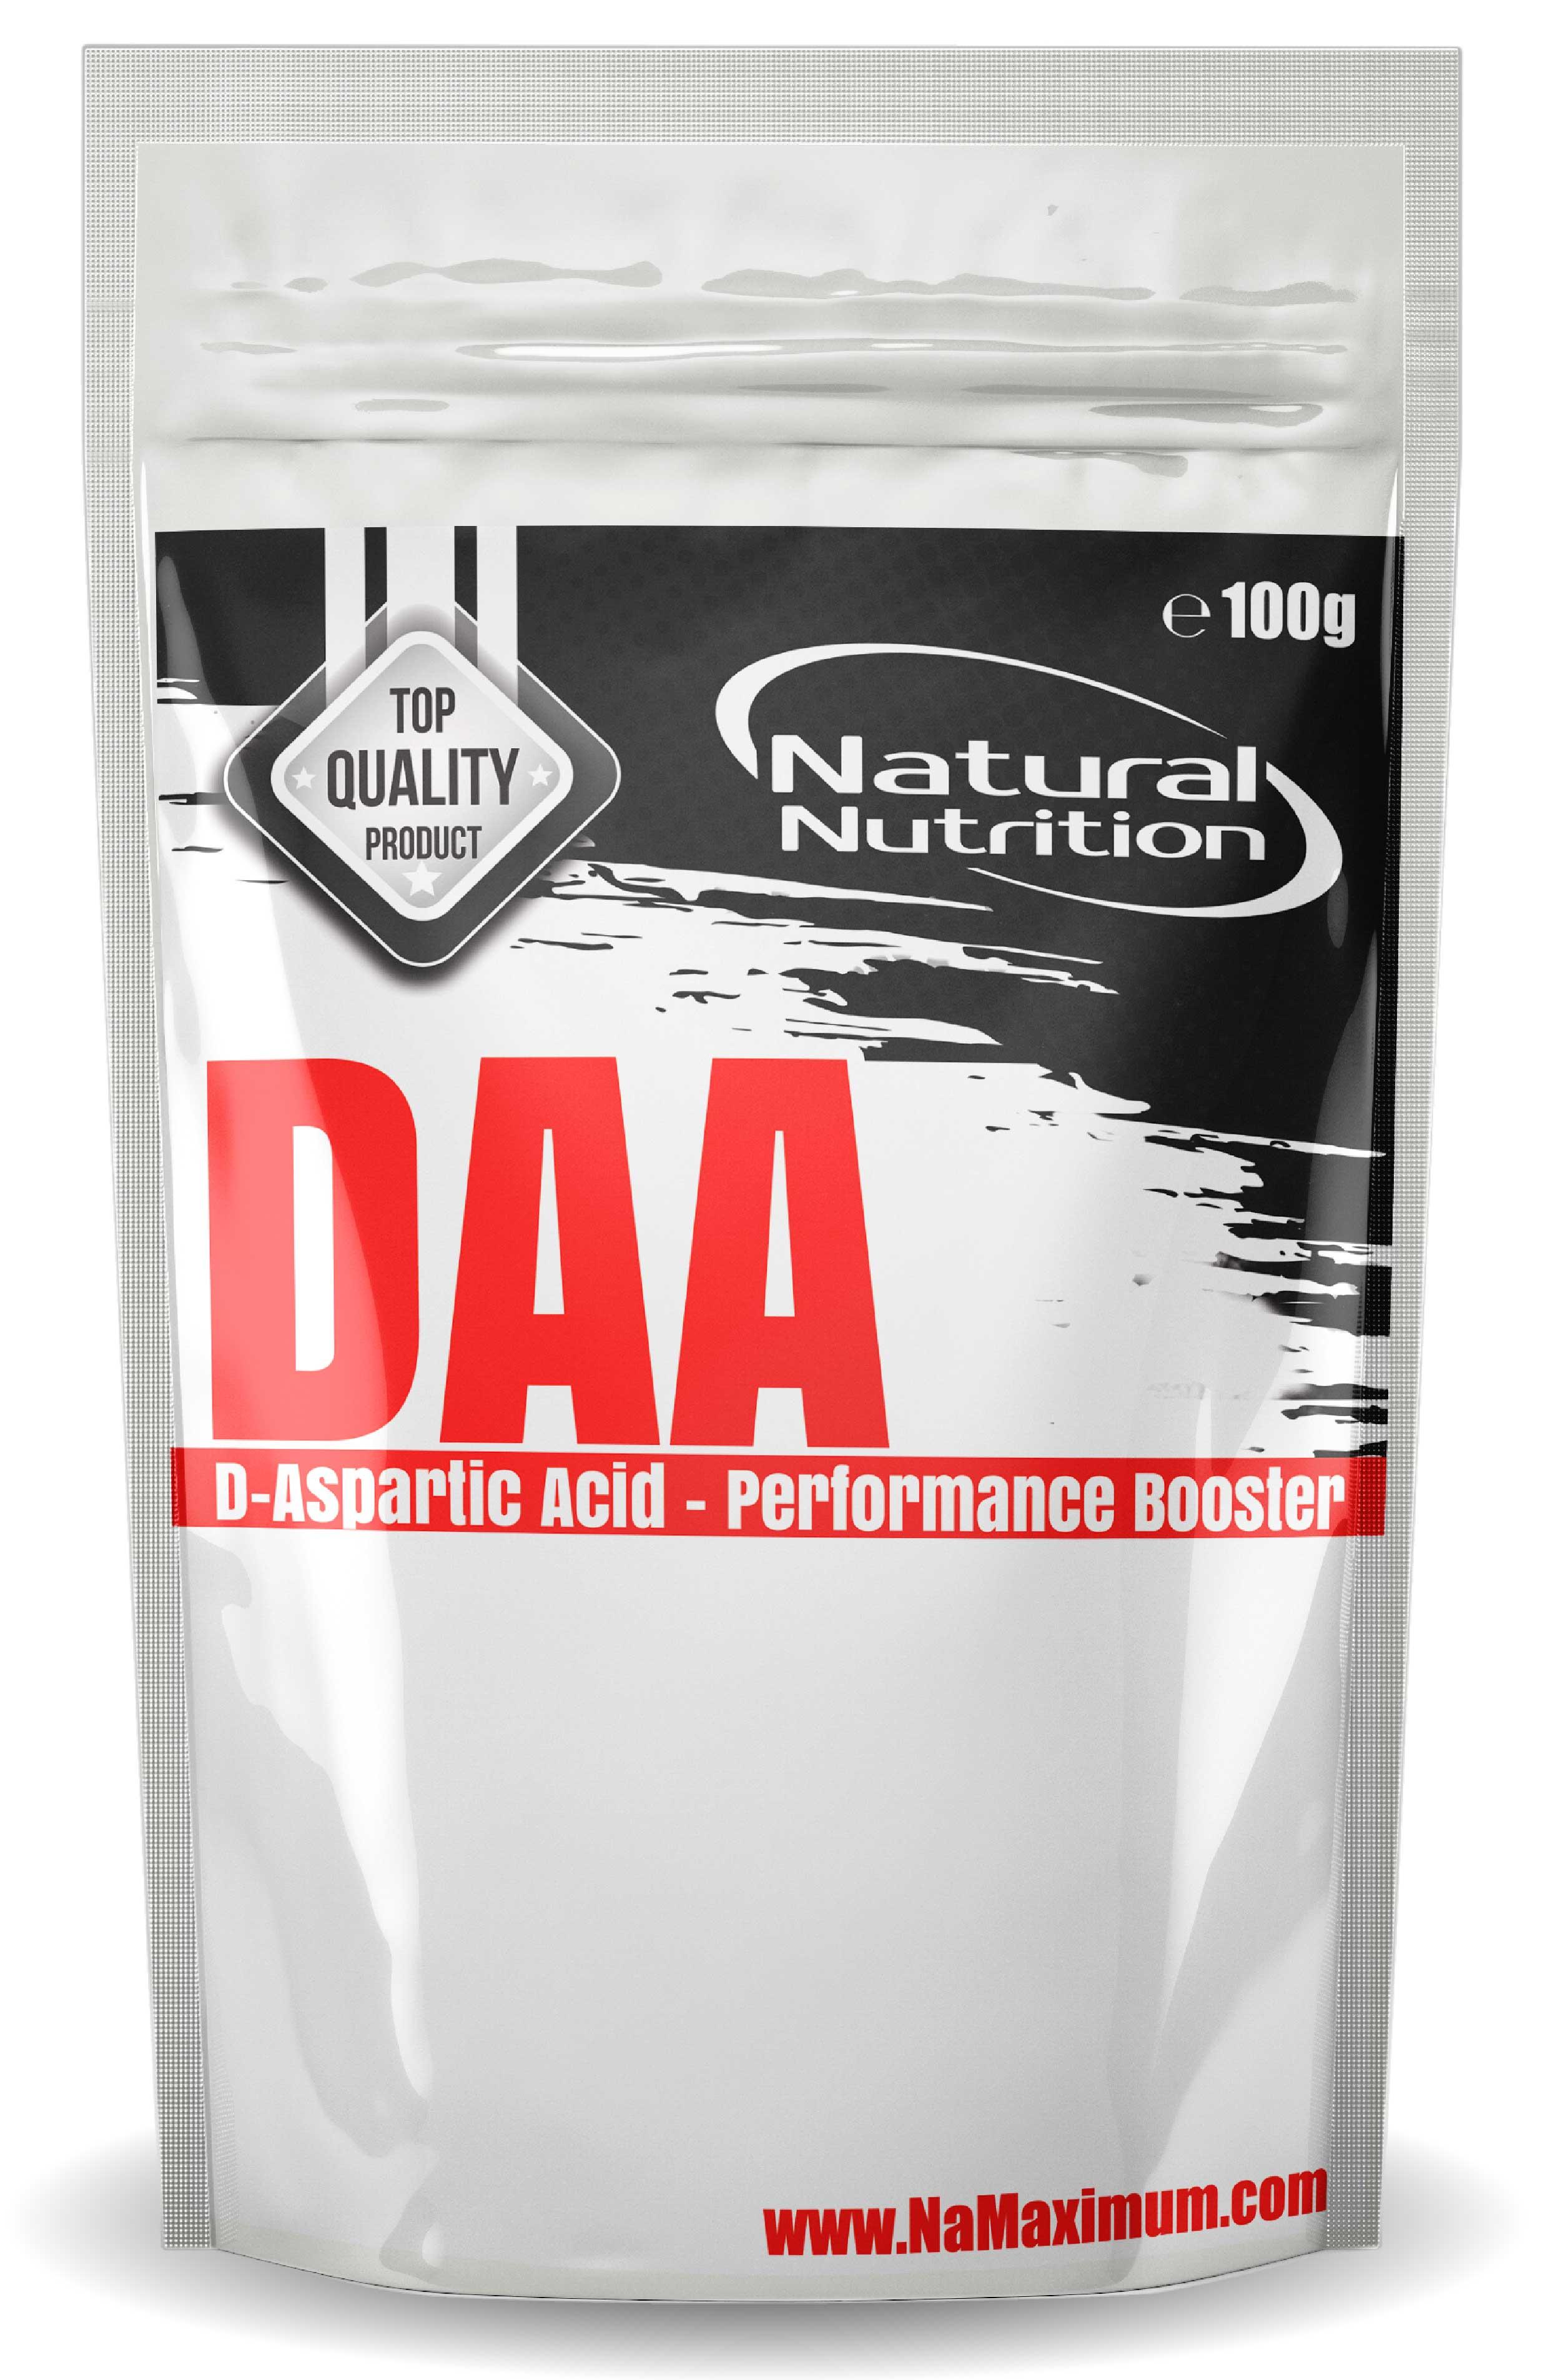 DAA - D-Aspartic Acid Natural 100g